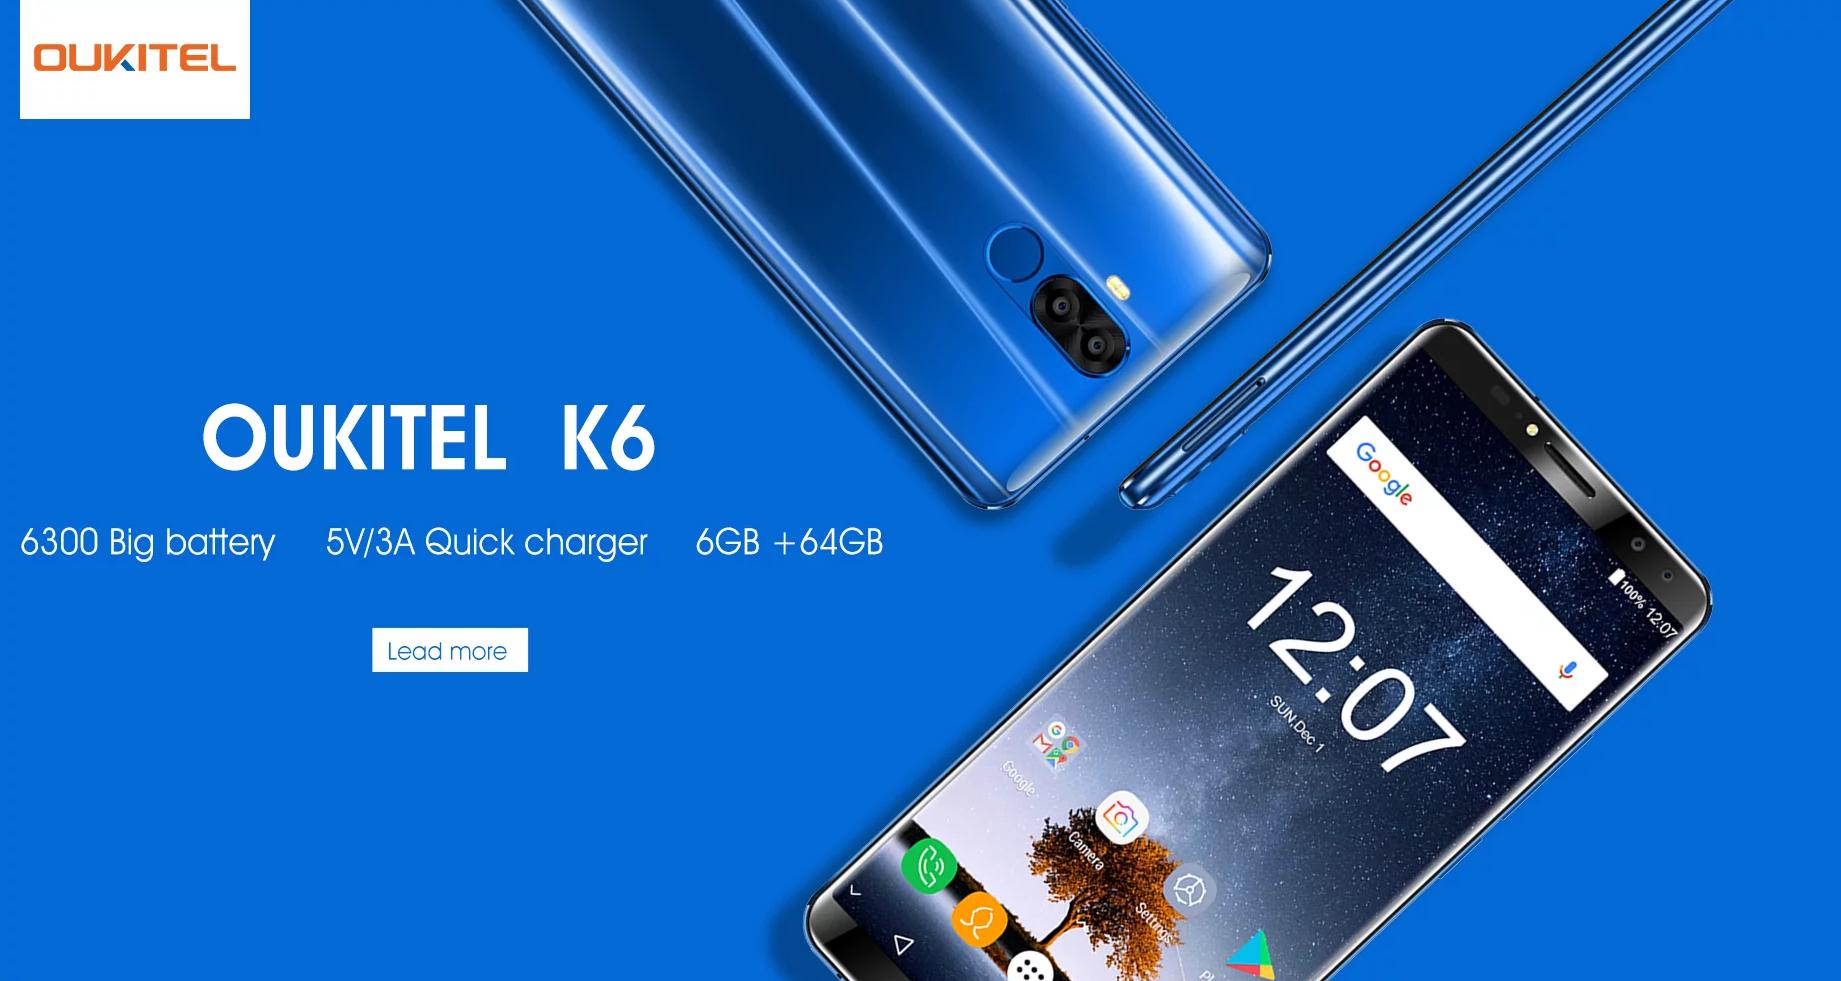 Oukitel přichází s dalším telefonem řady K, nabídne obrovskou baterii